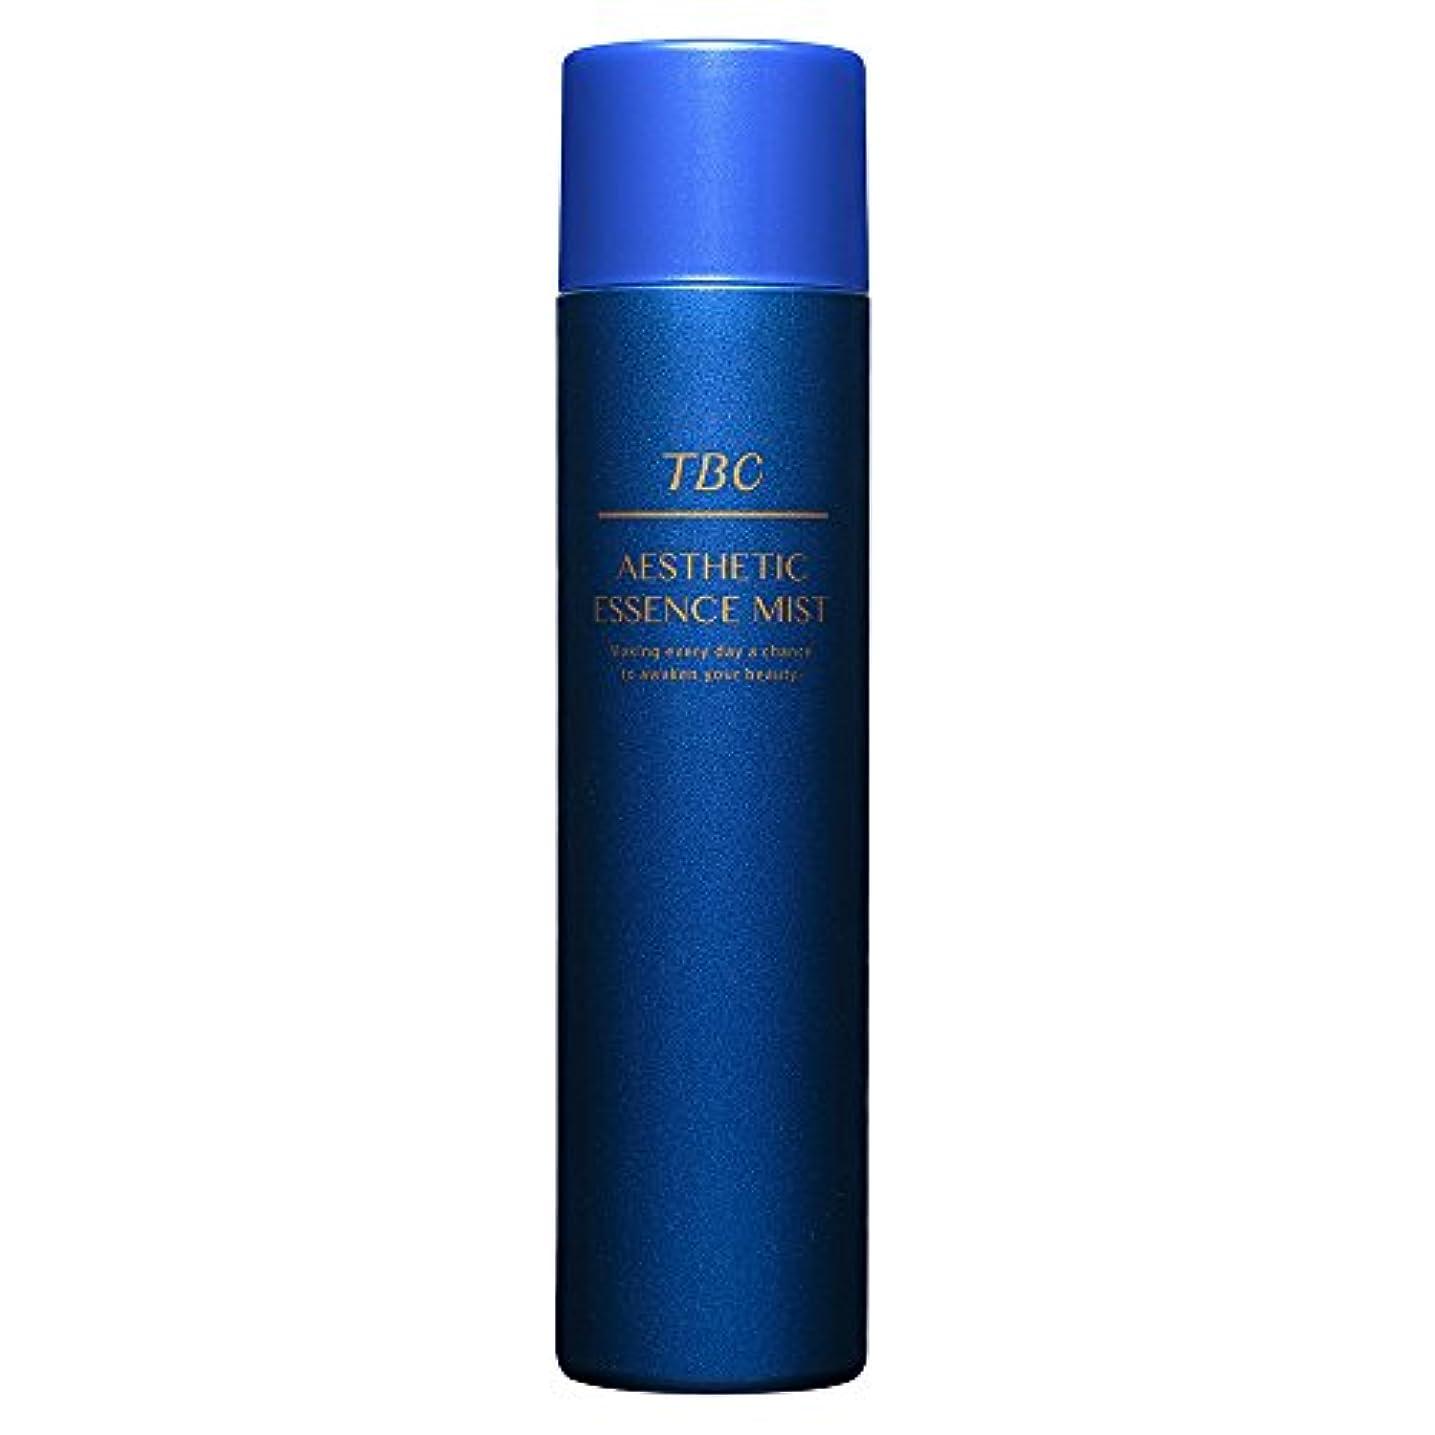 スチュワード穿孔する残り物TBC エステティックエッセンスミスト 化粧水/炭酸ミスト/美容液/スプレータイプ/エステ